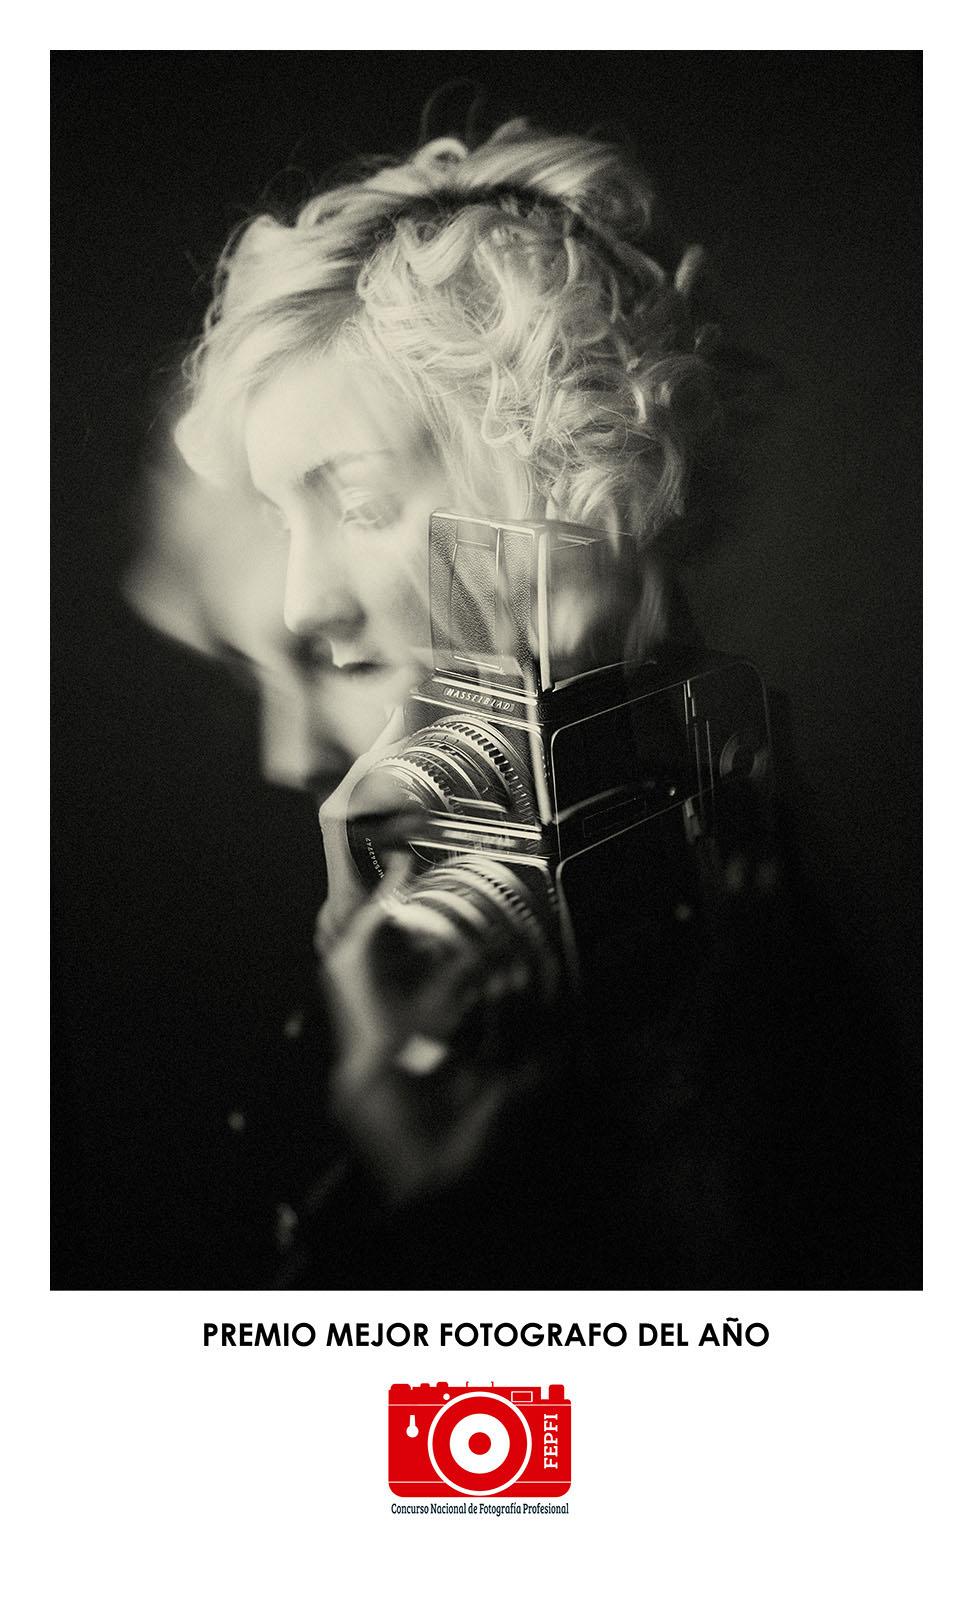 El fotógrafo vitoriano Josu Izarra, mejor fotógrafo profesional del año